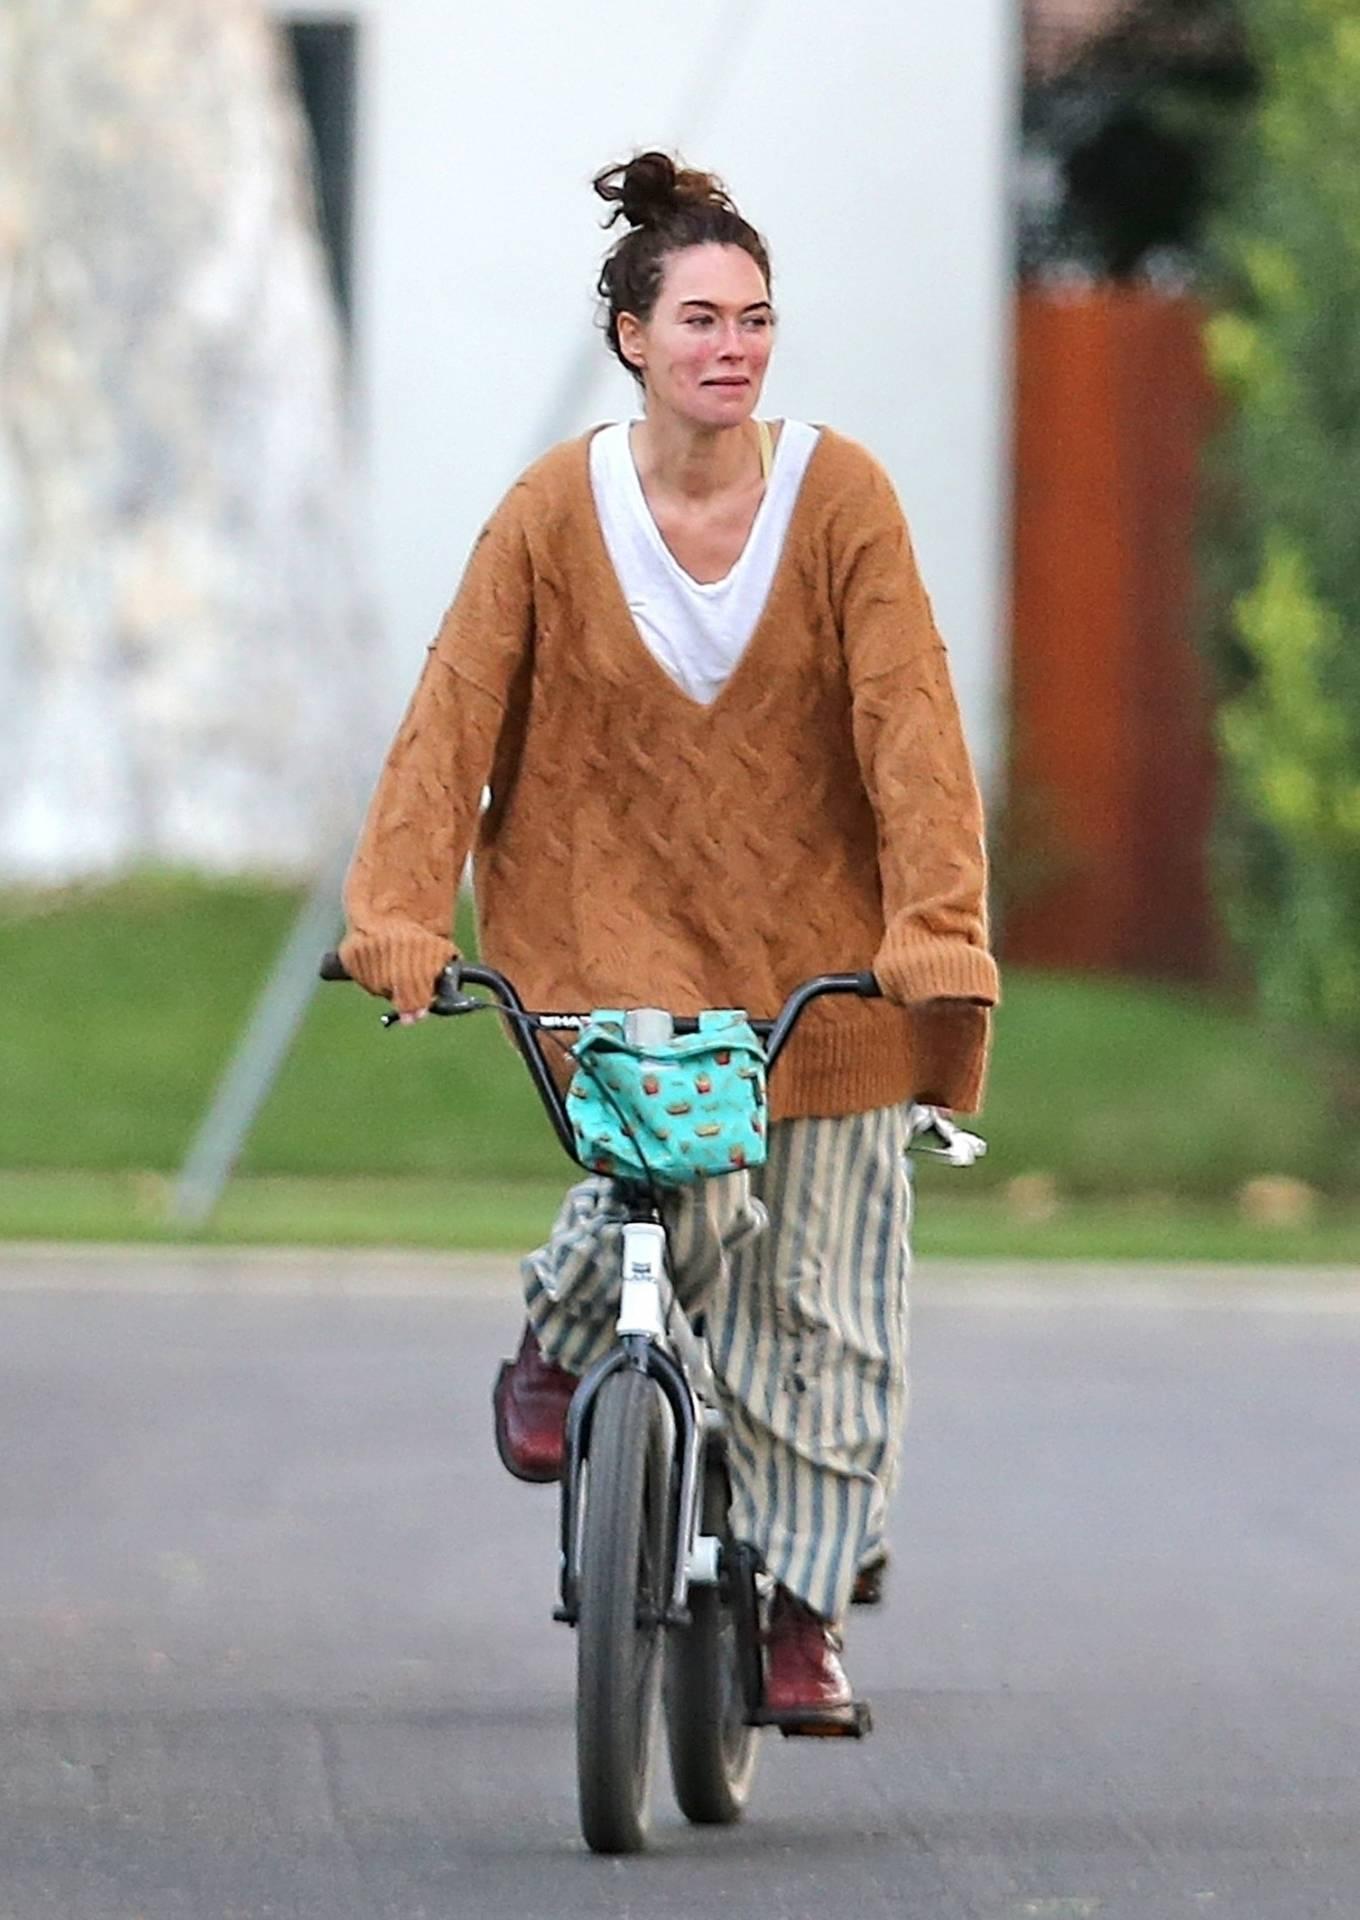 Lena Headey 2020 : Lena Headey – Riding a bicycle in Los Angeles-04